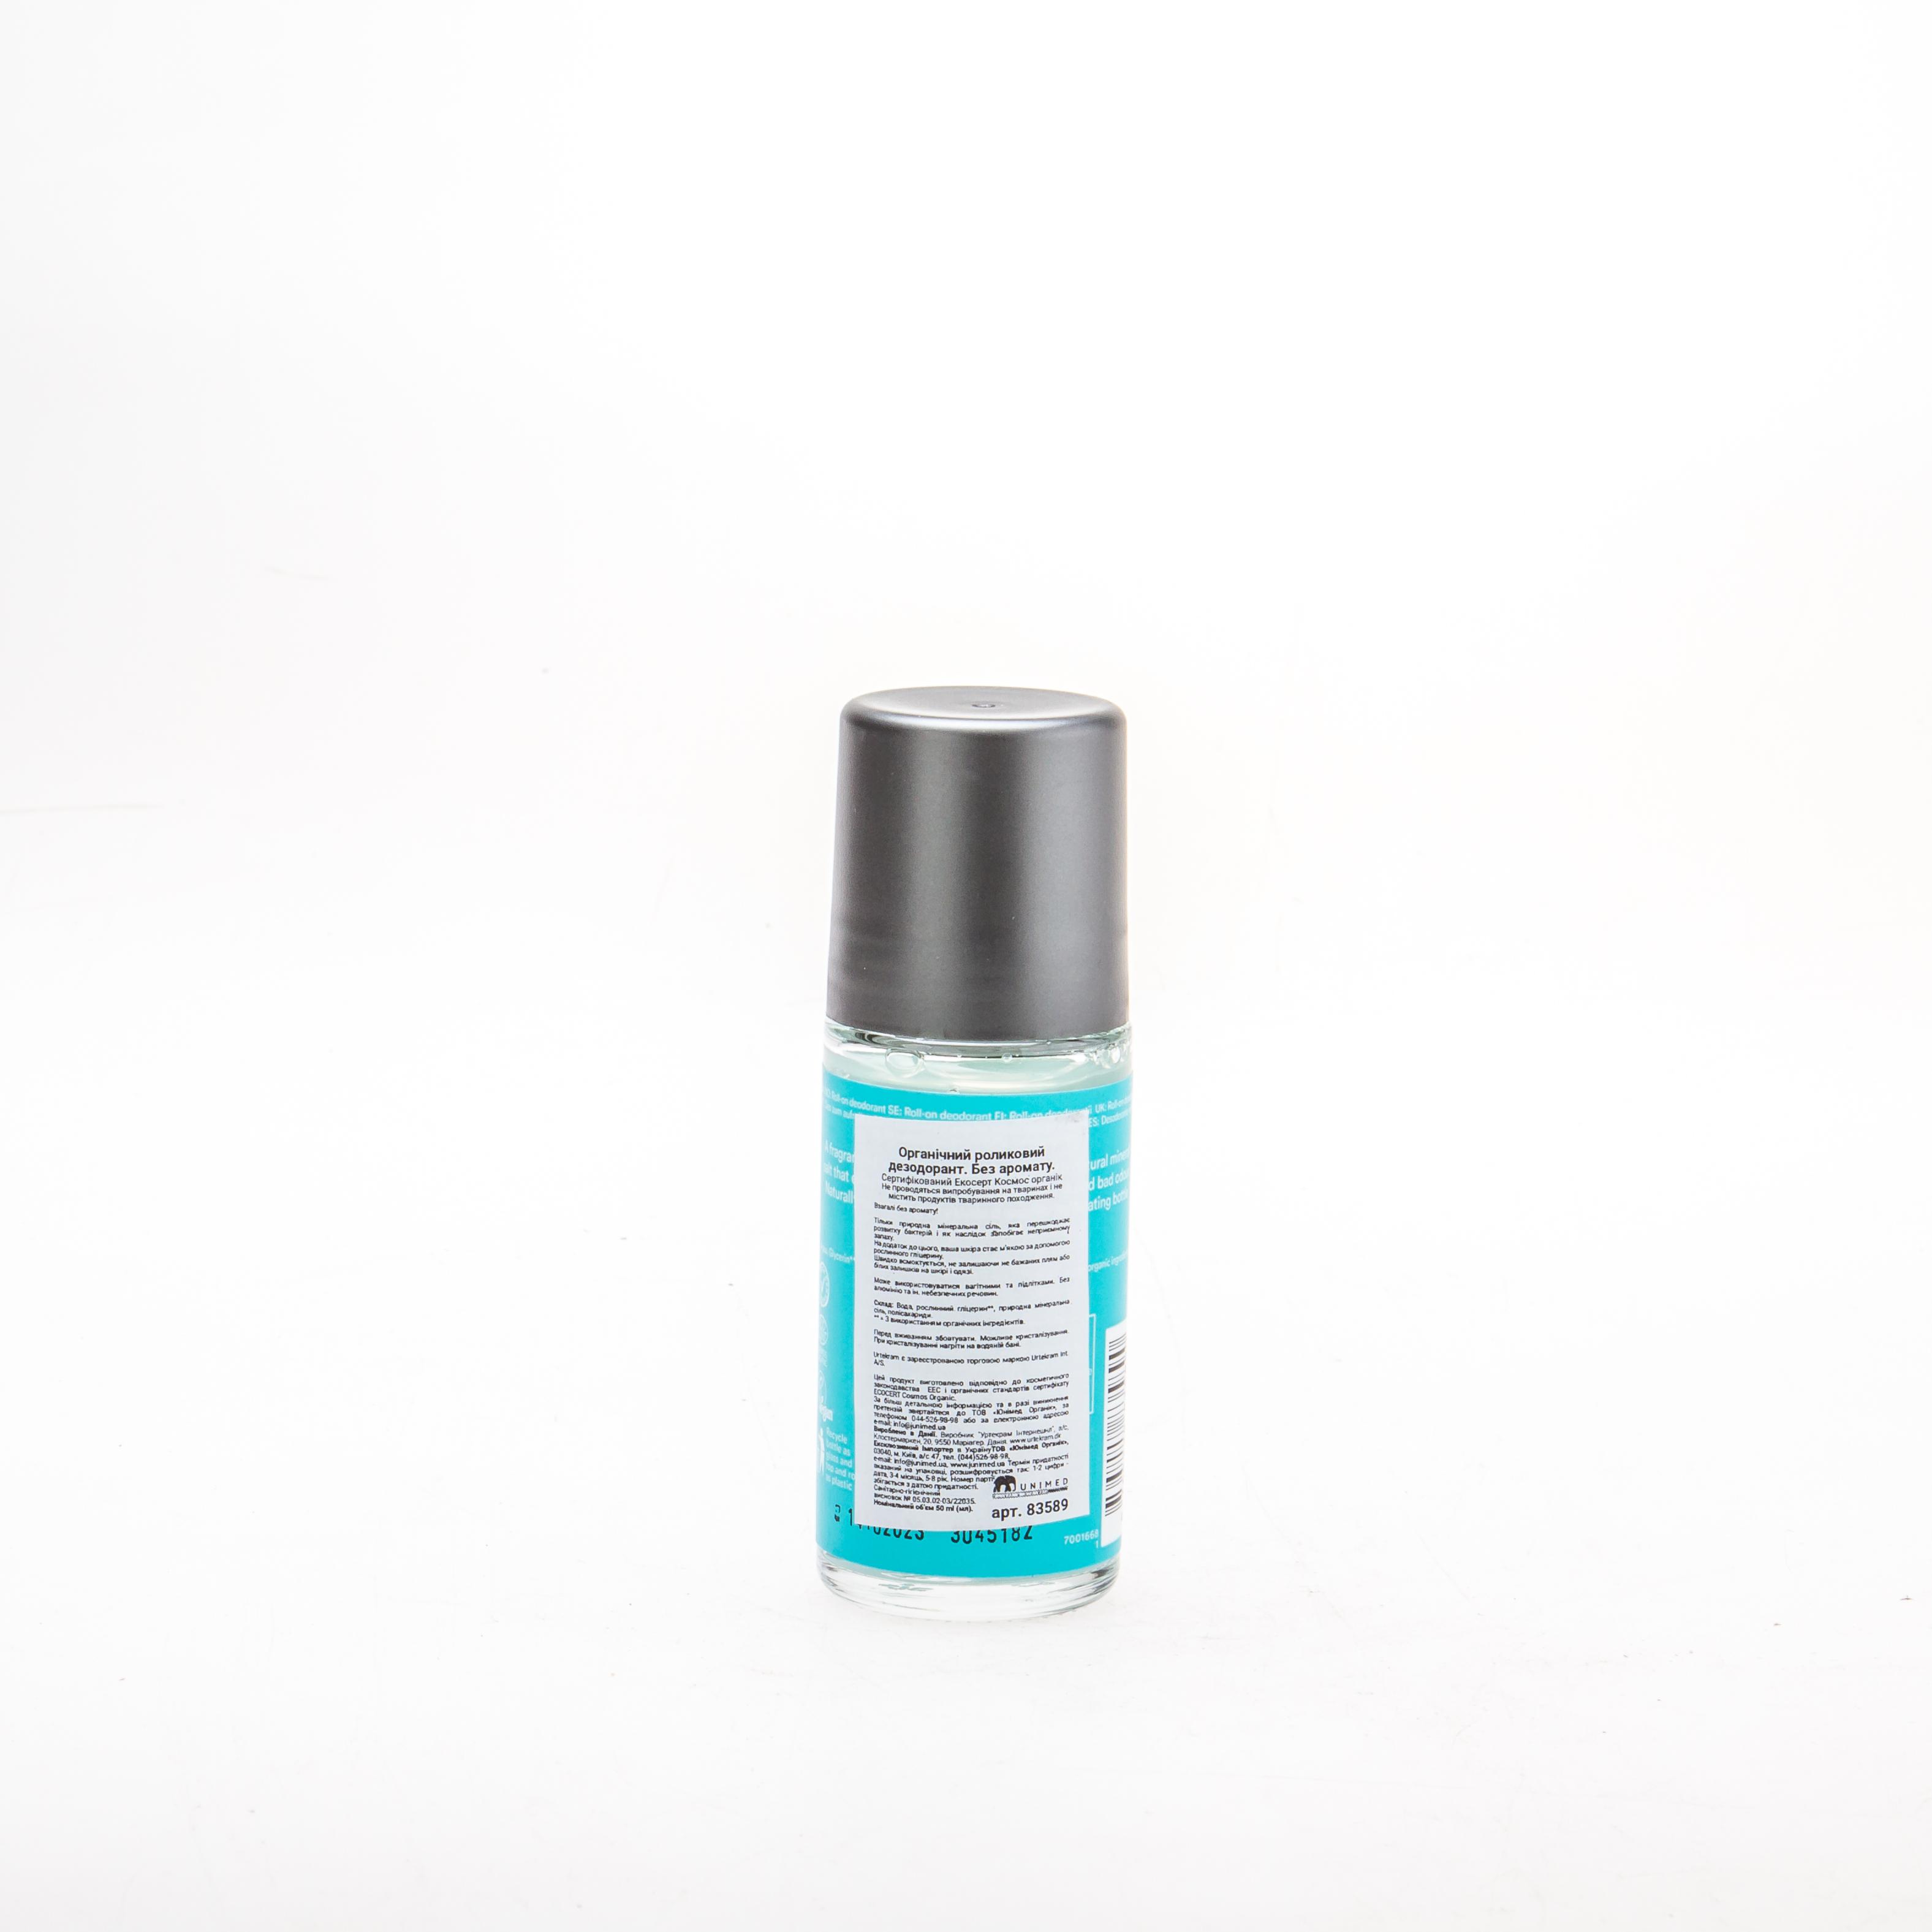 Urtekram Органічний роликовий дезодорант без аромату, 50мл - купити в інтернет-магазині Юнимед